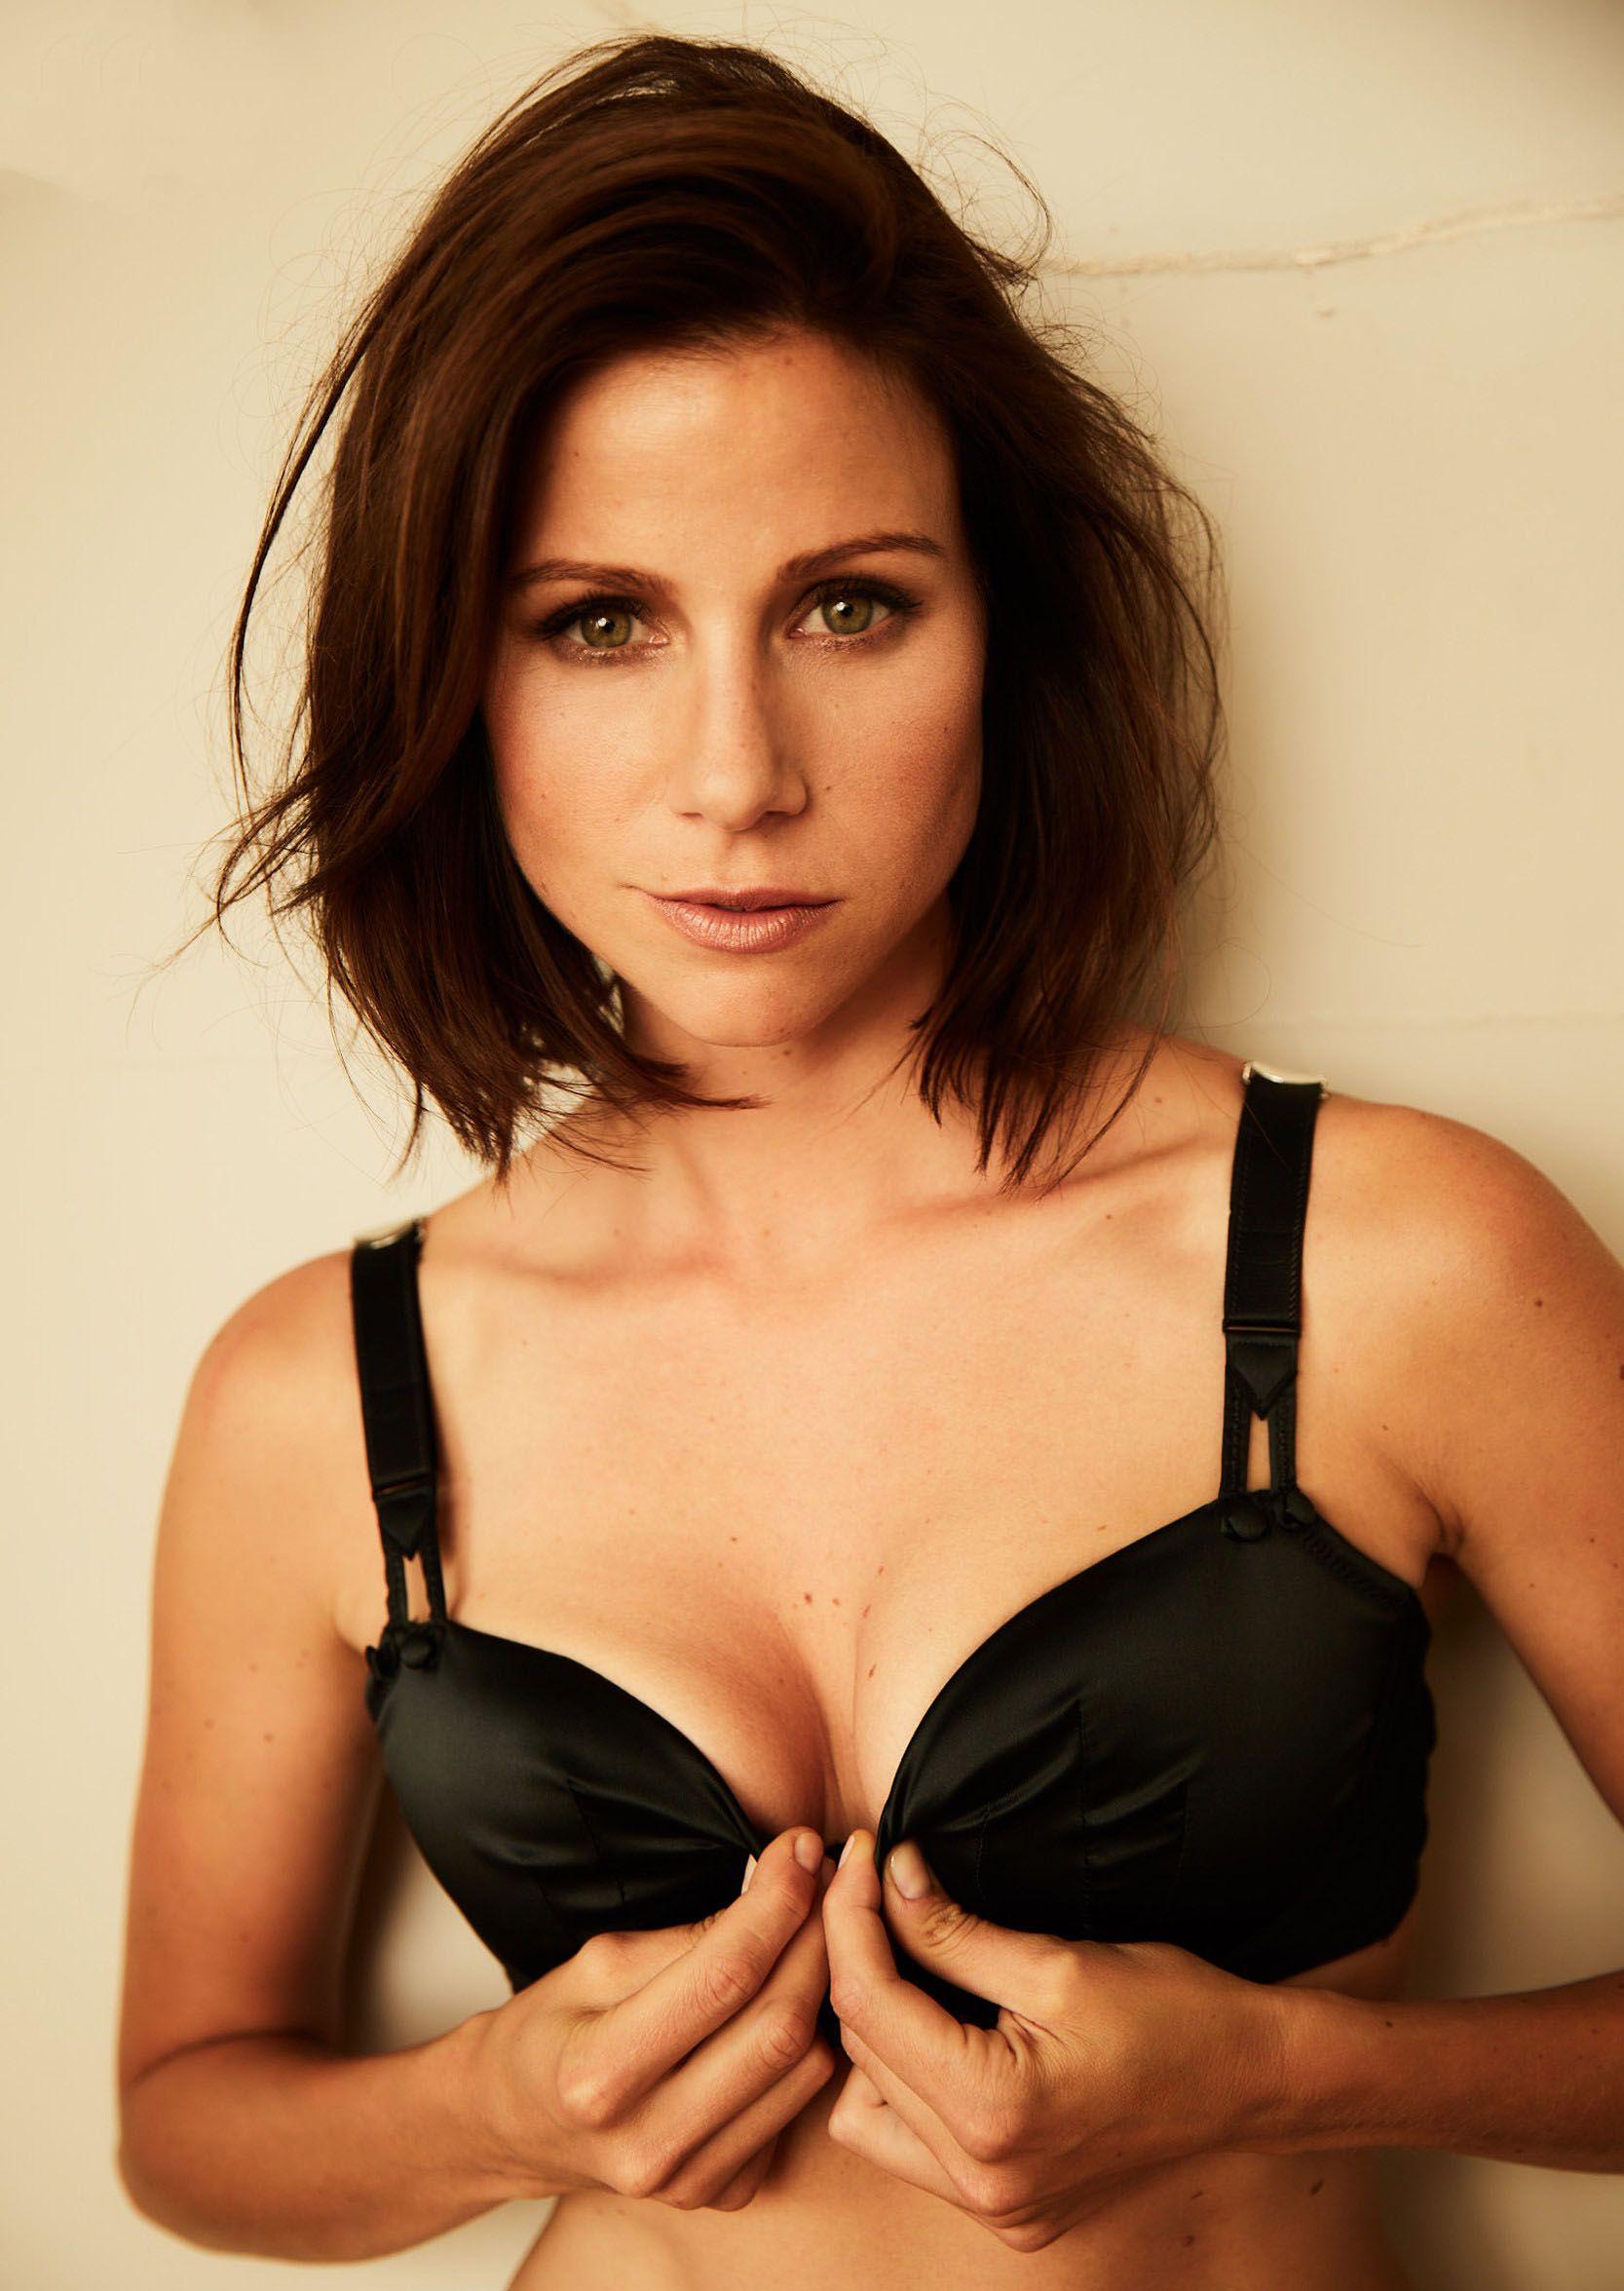 Bilder katrin heß nackt Sexy Schauspielerin